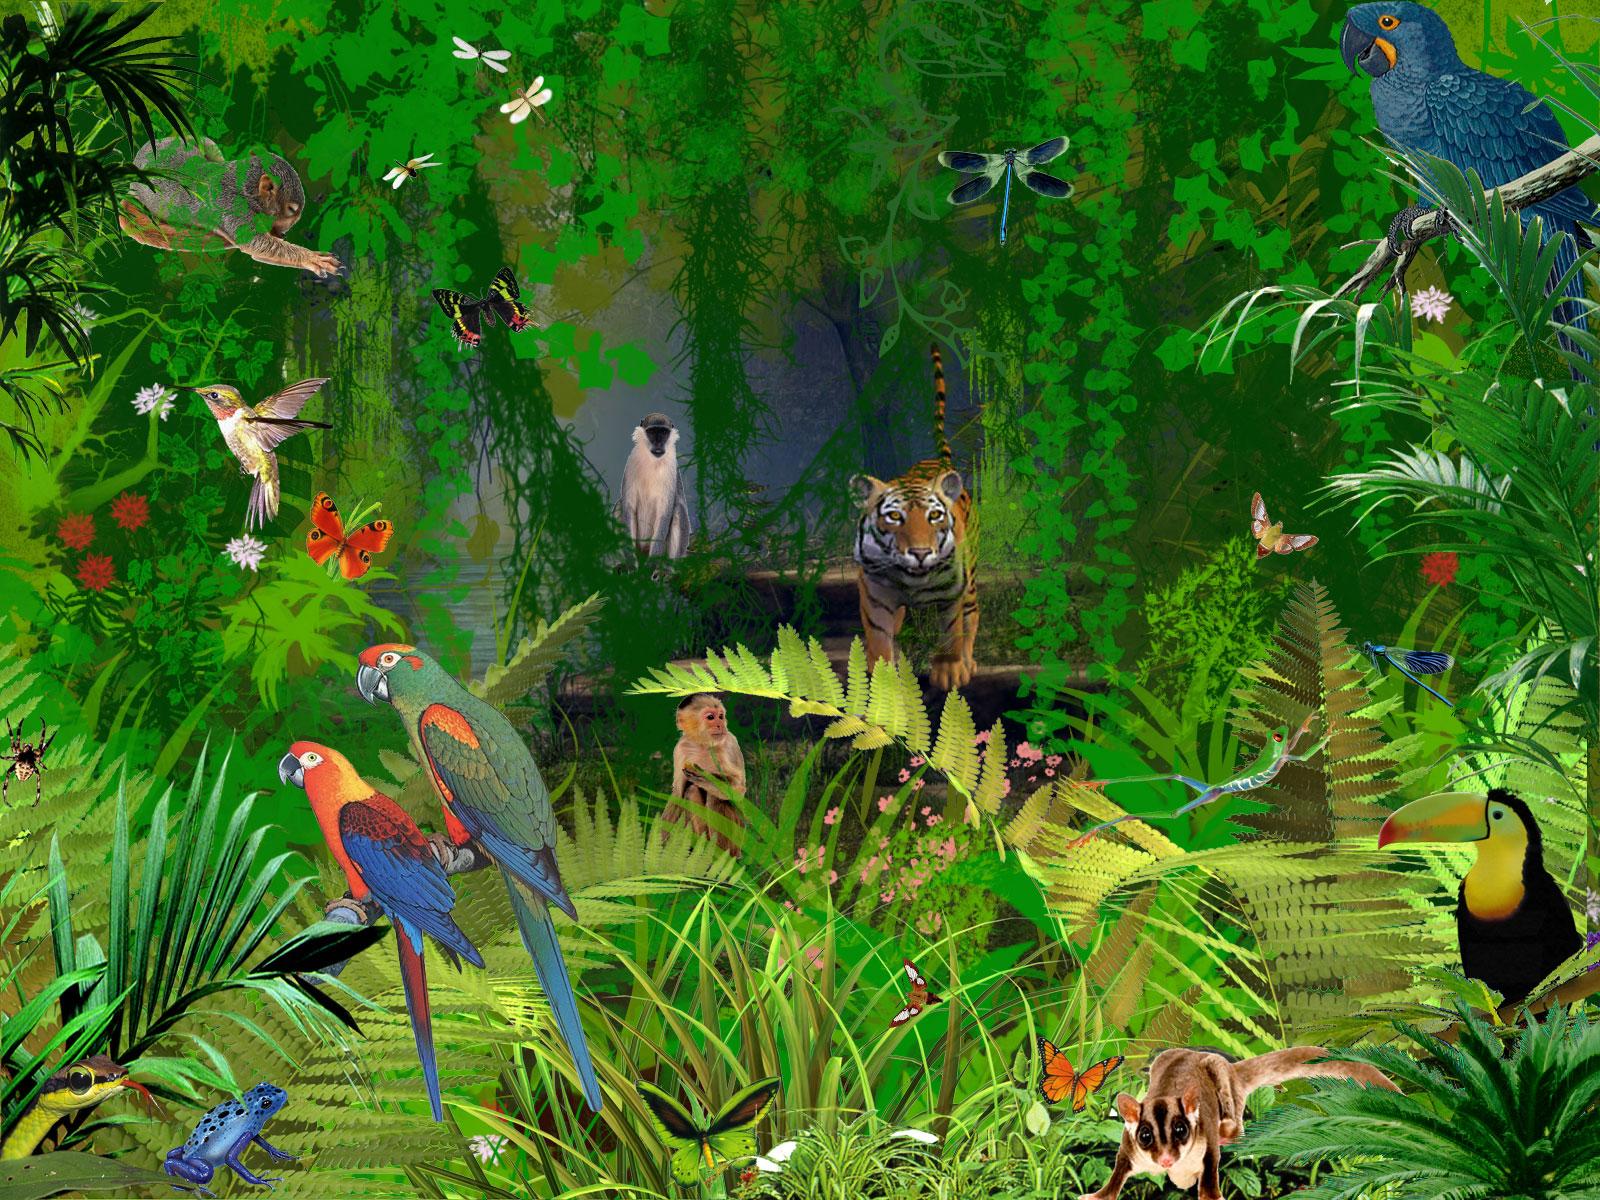 Jungle Wall Mural Jungle Animal Wallpaper Wallpapersafari